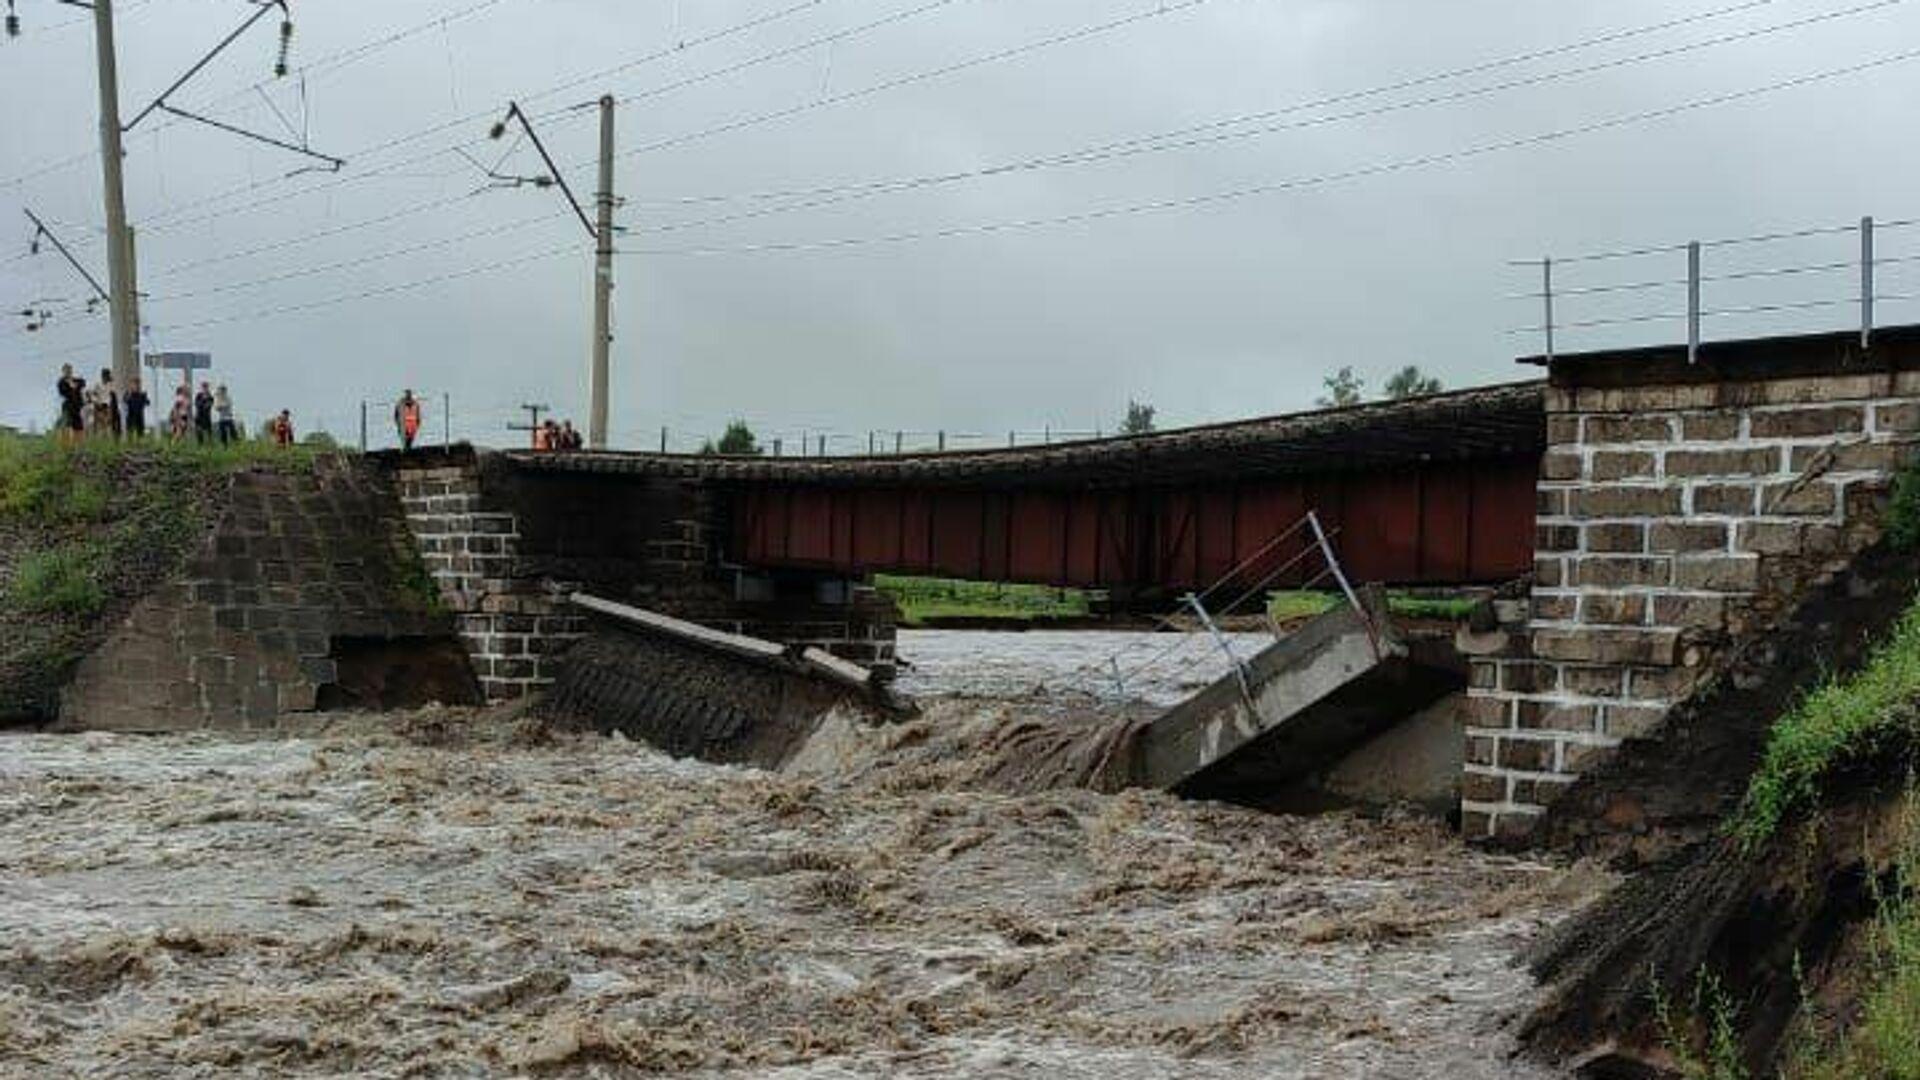 Правительство выделило Приамурью средства на помощь пострадавшим от паводка